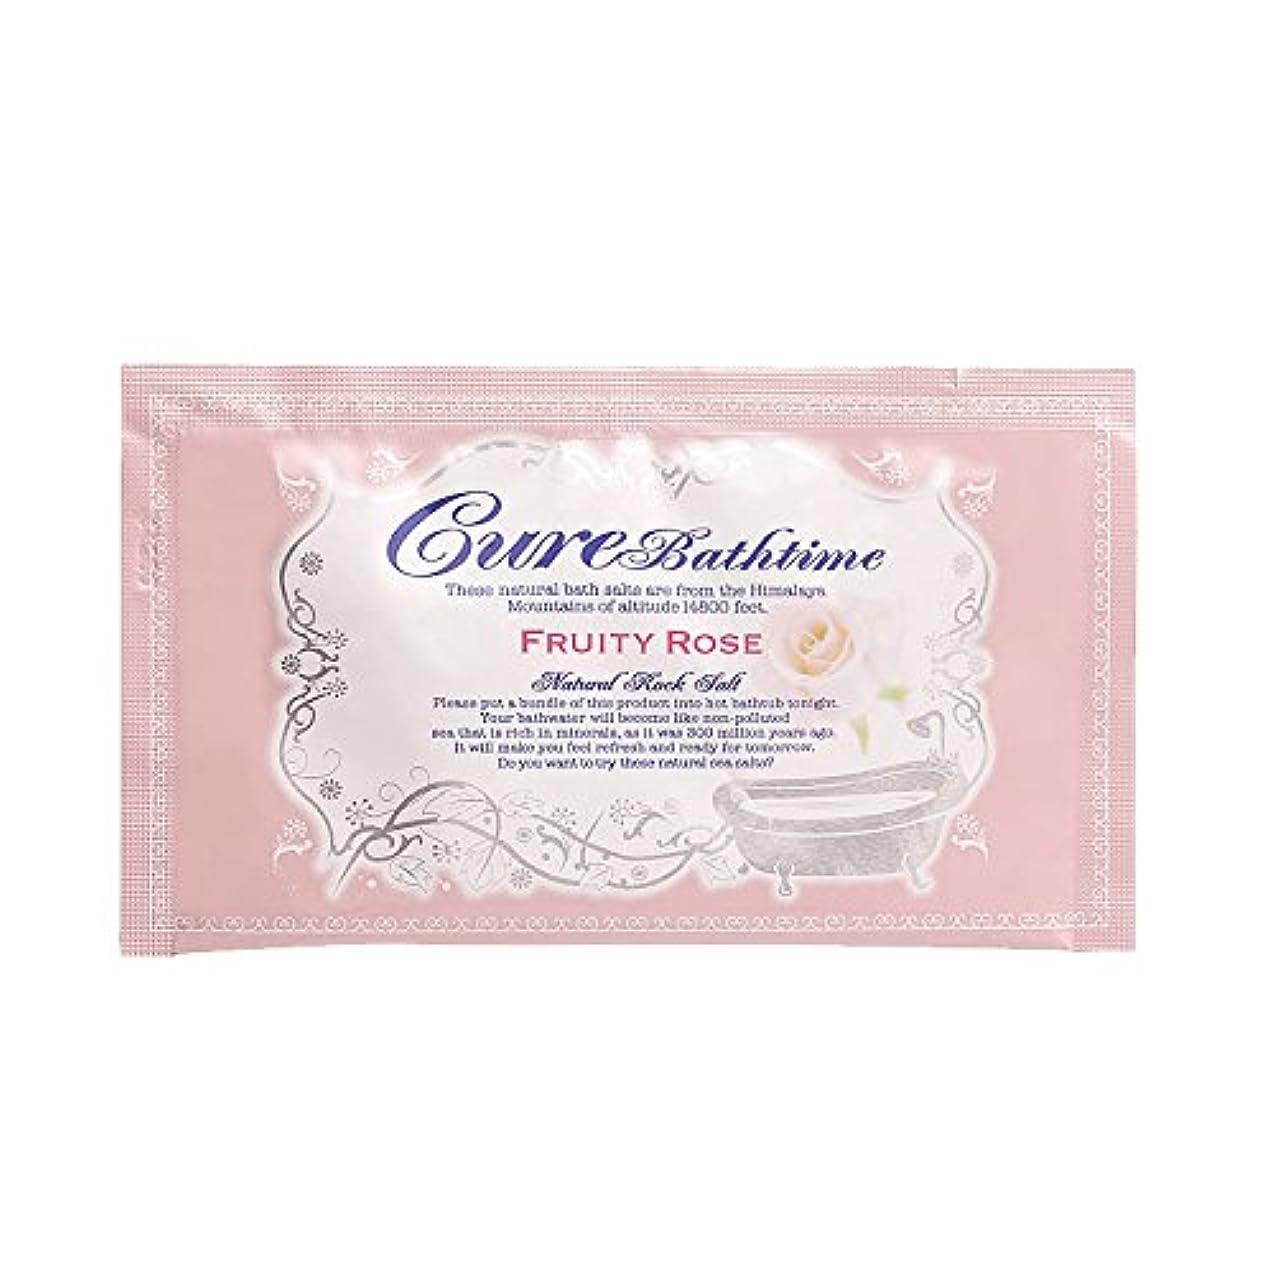 Cureバスタイム 天然ヒマラヤ岩塩バスソルト フルーティローズの香り 16包セット